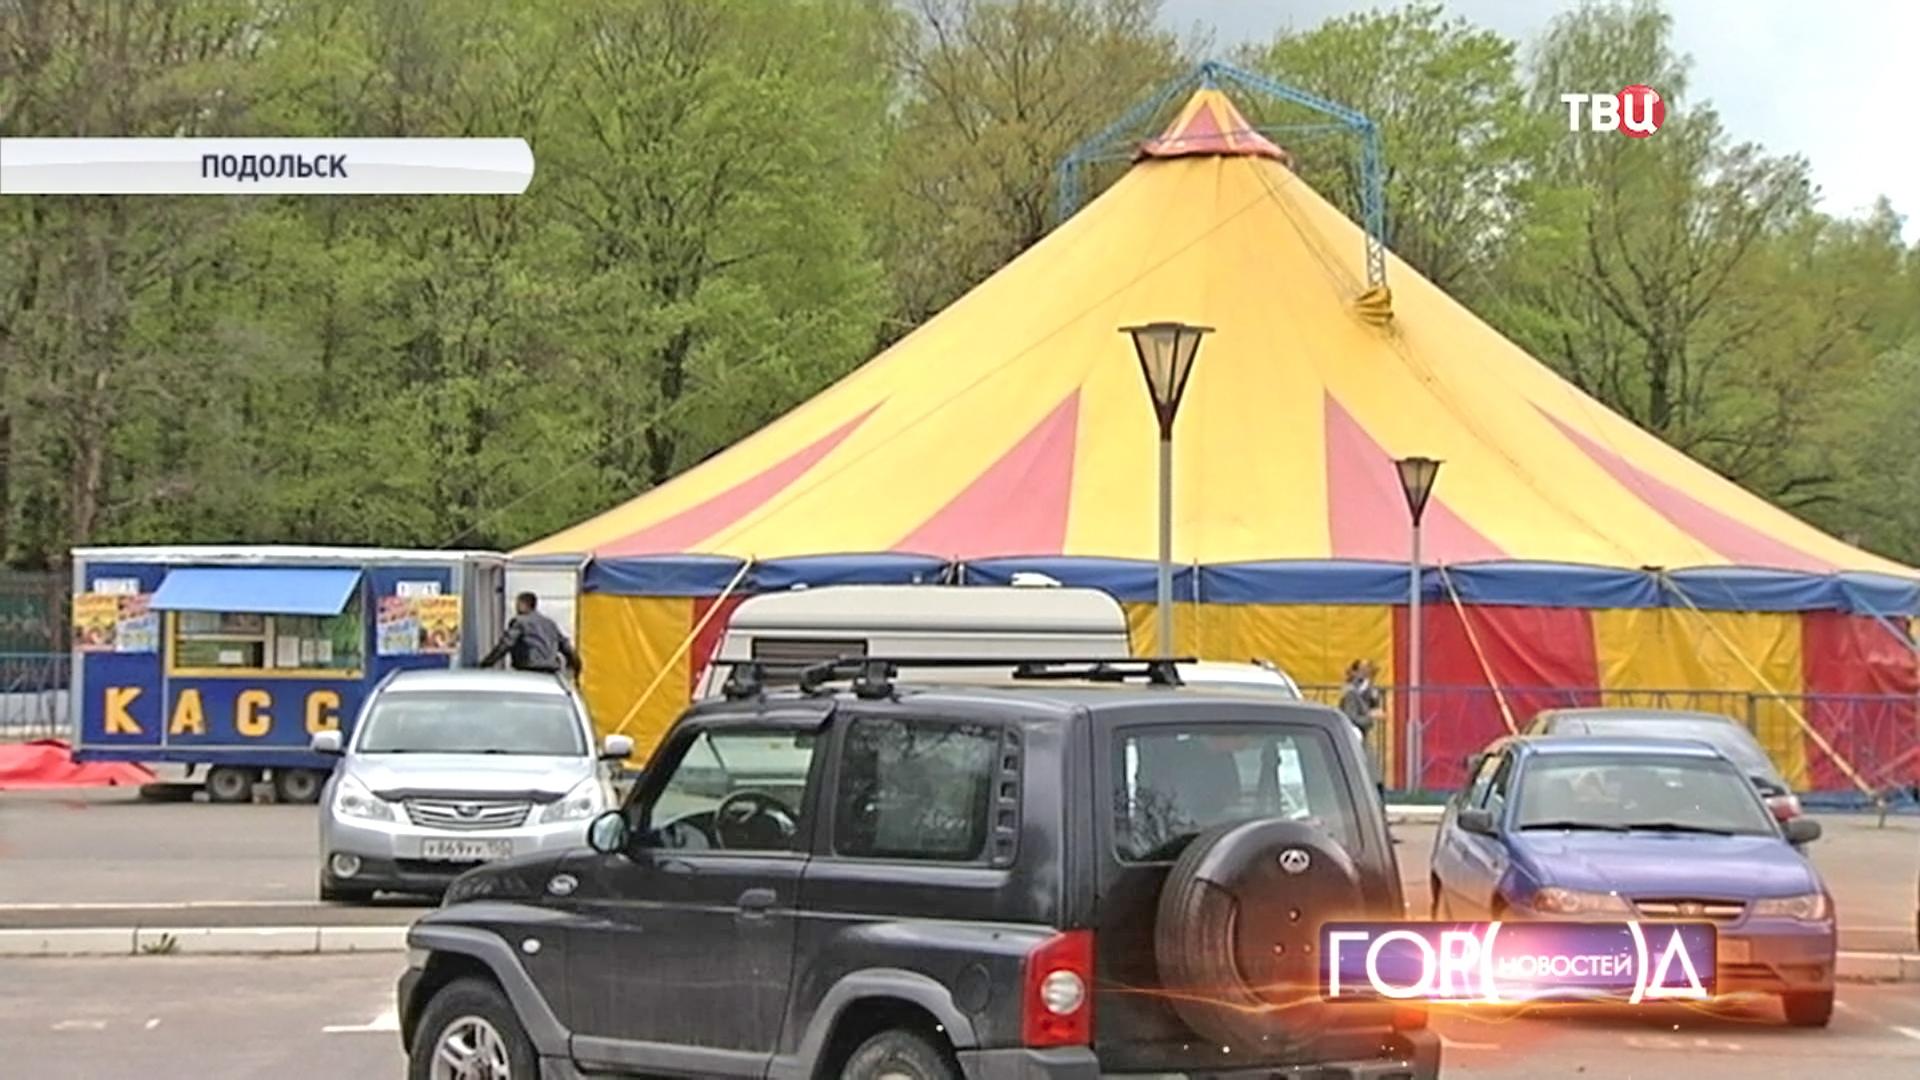 Частный цирк в Подольске